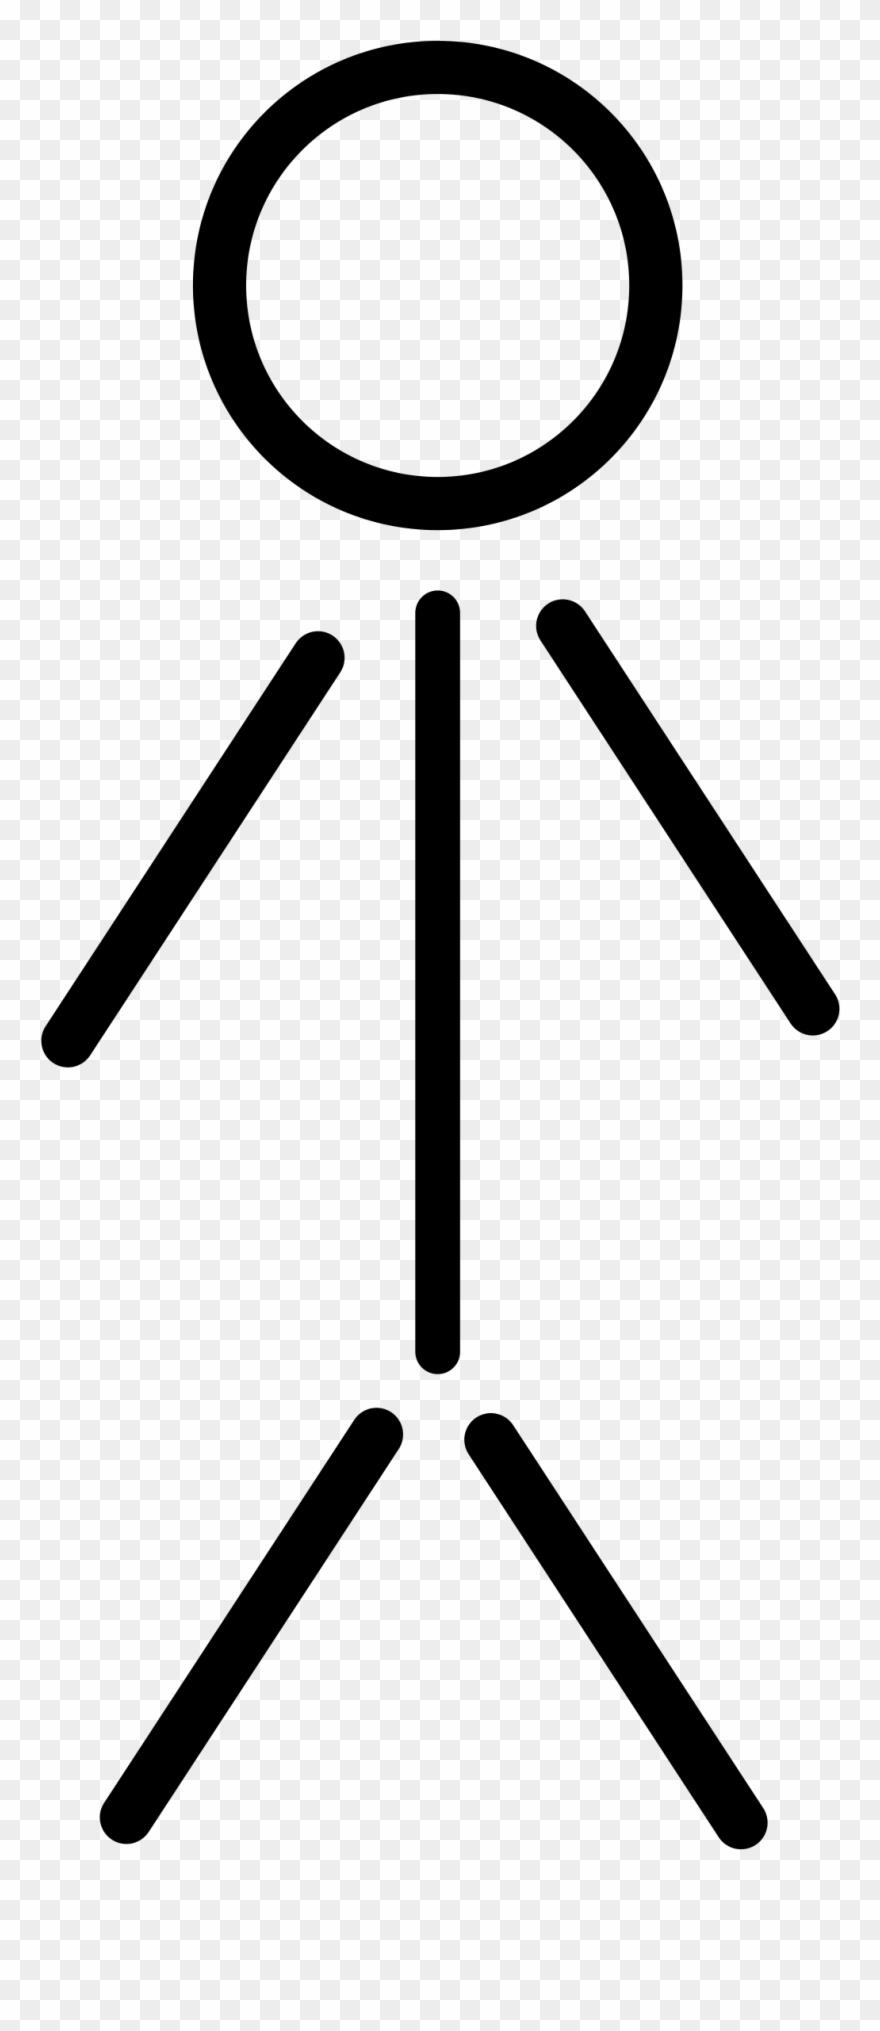 Free stick figure clipart clip stock Banner Free Stock Figure Big Image Png - Stick Figure Clipart Black ... clip stock